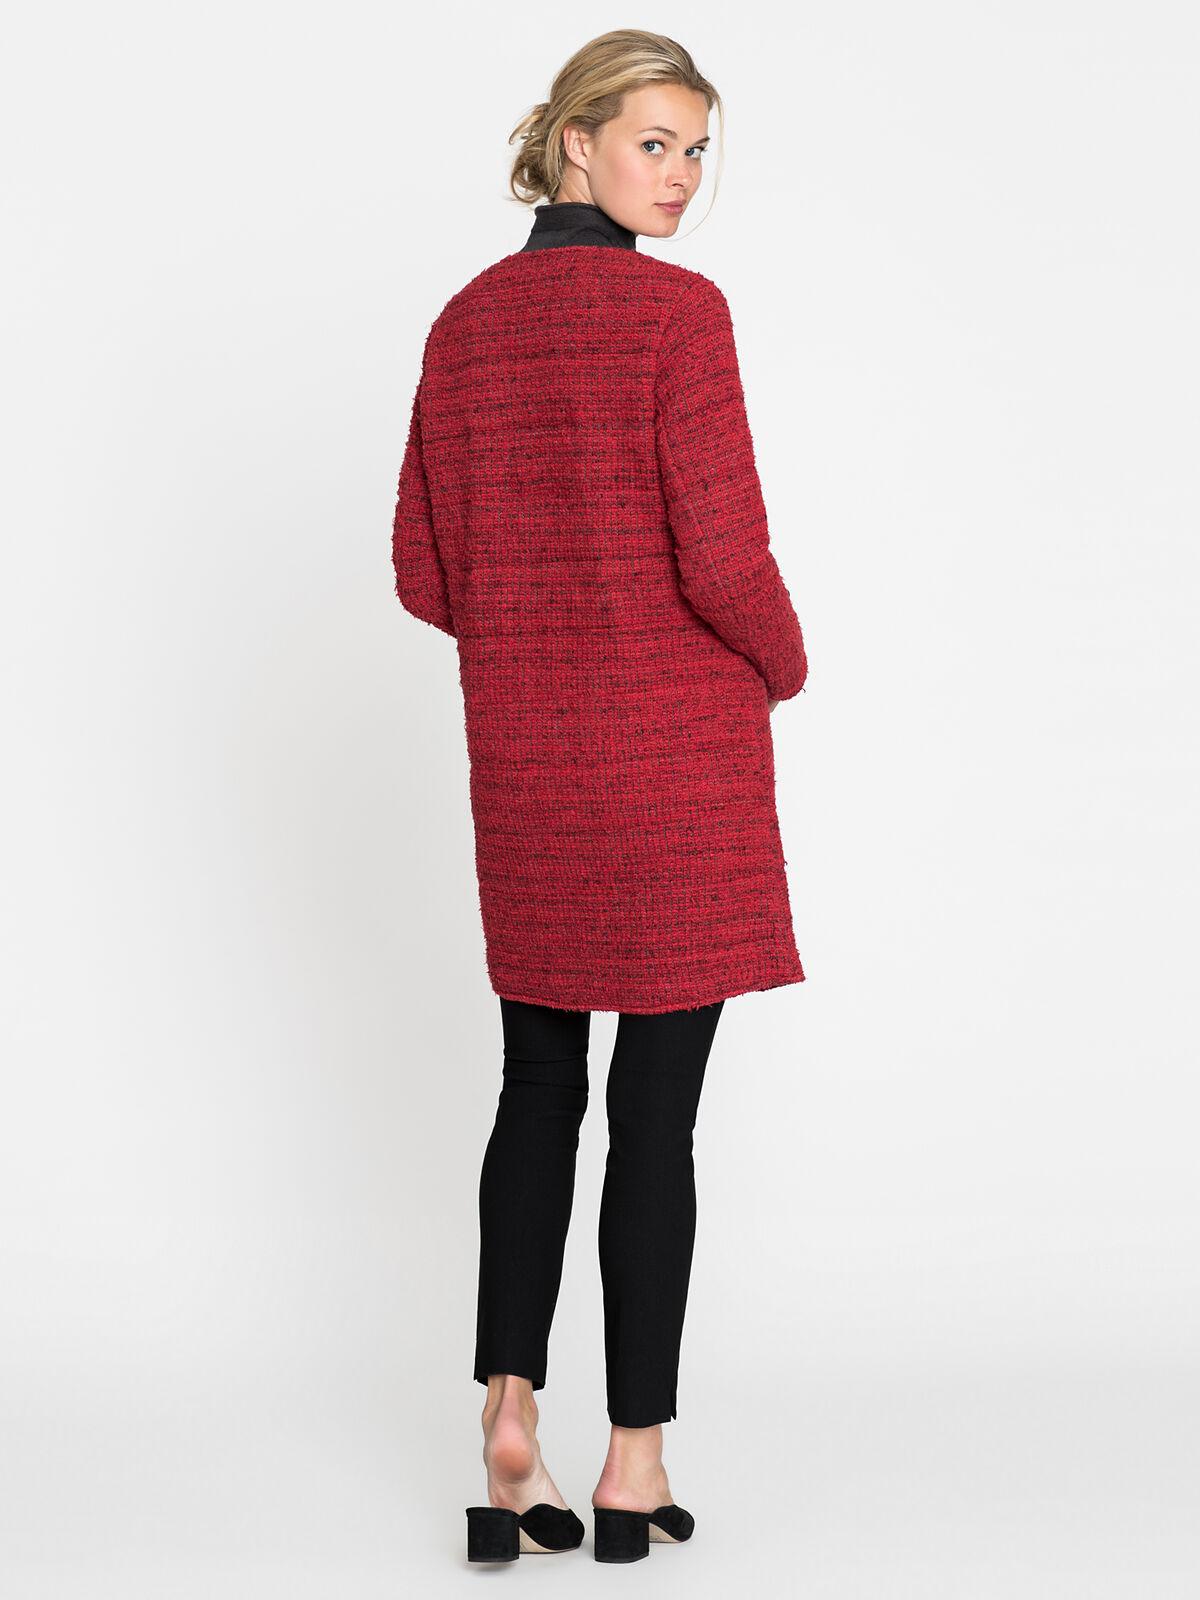 Softlight Jacket